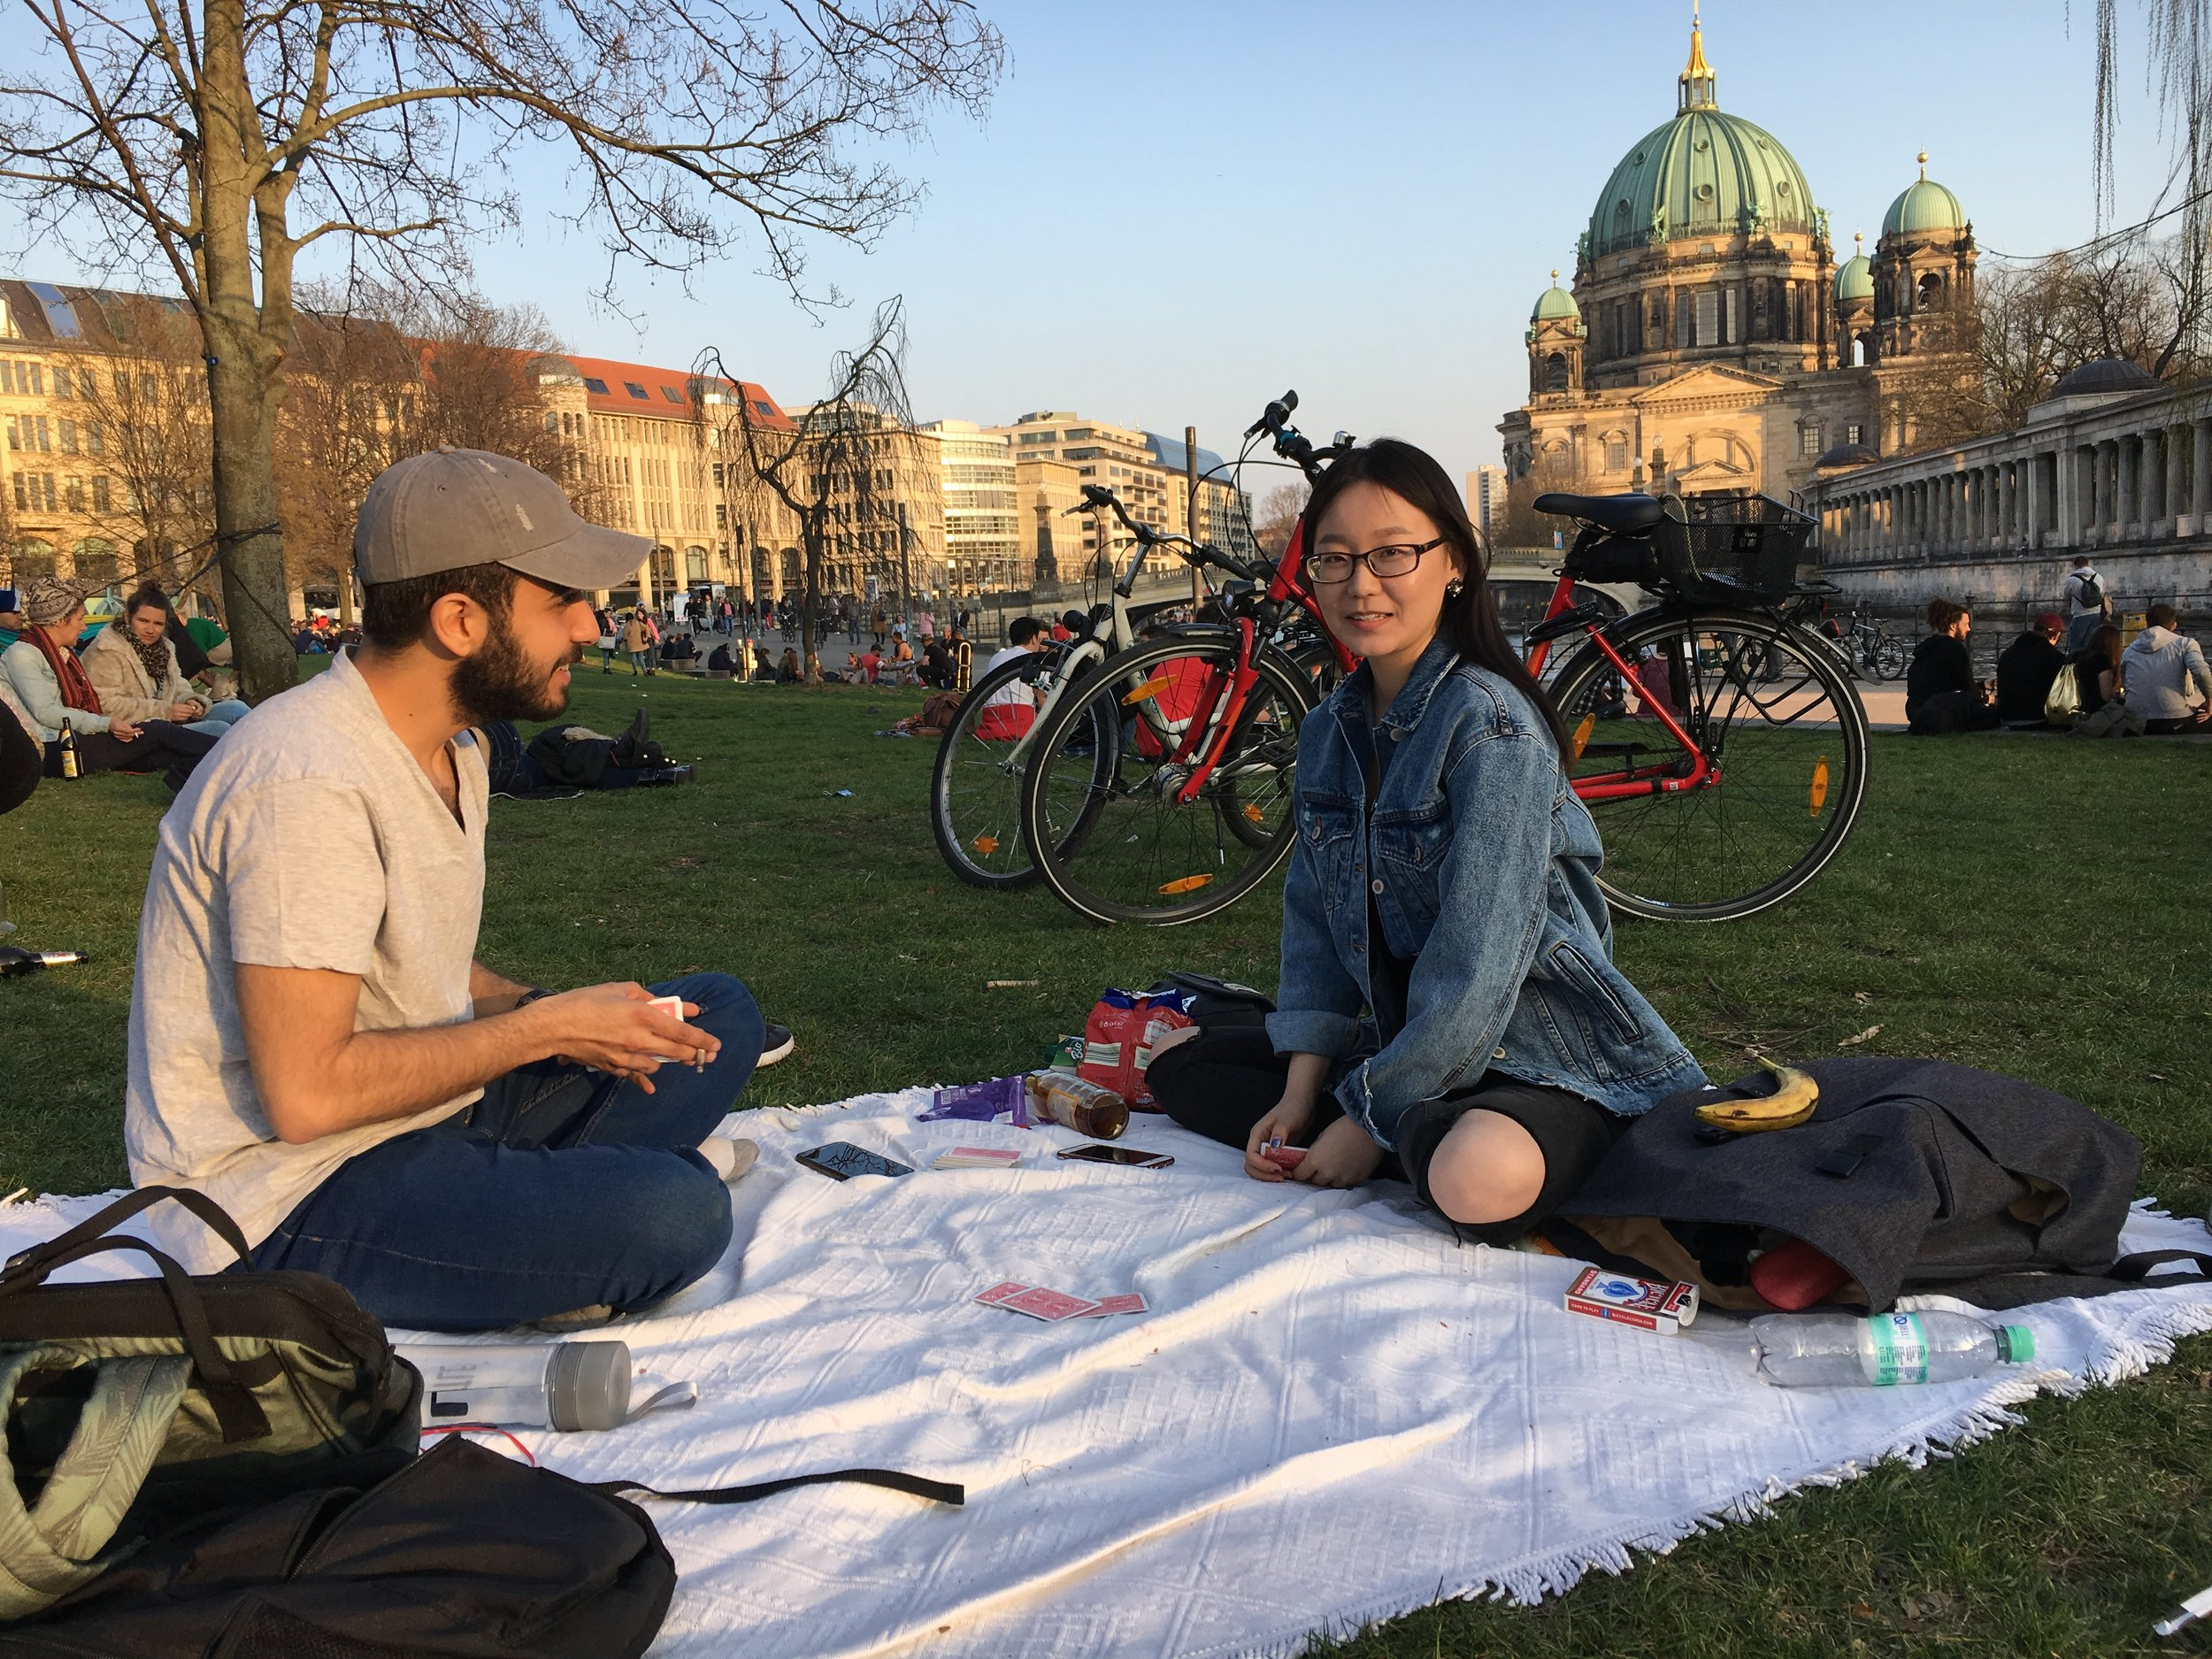 Berlin_Monbijou-Park-1